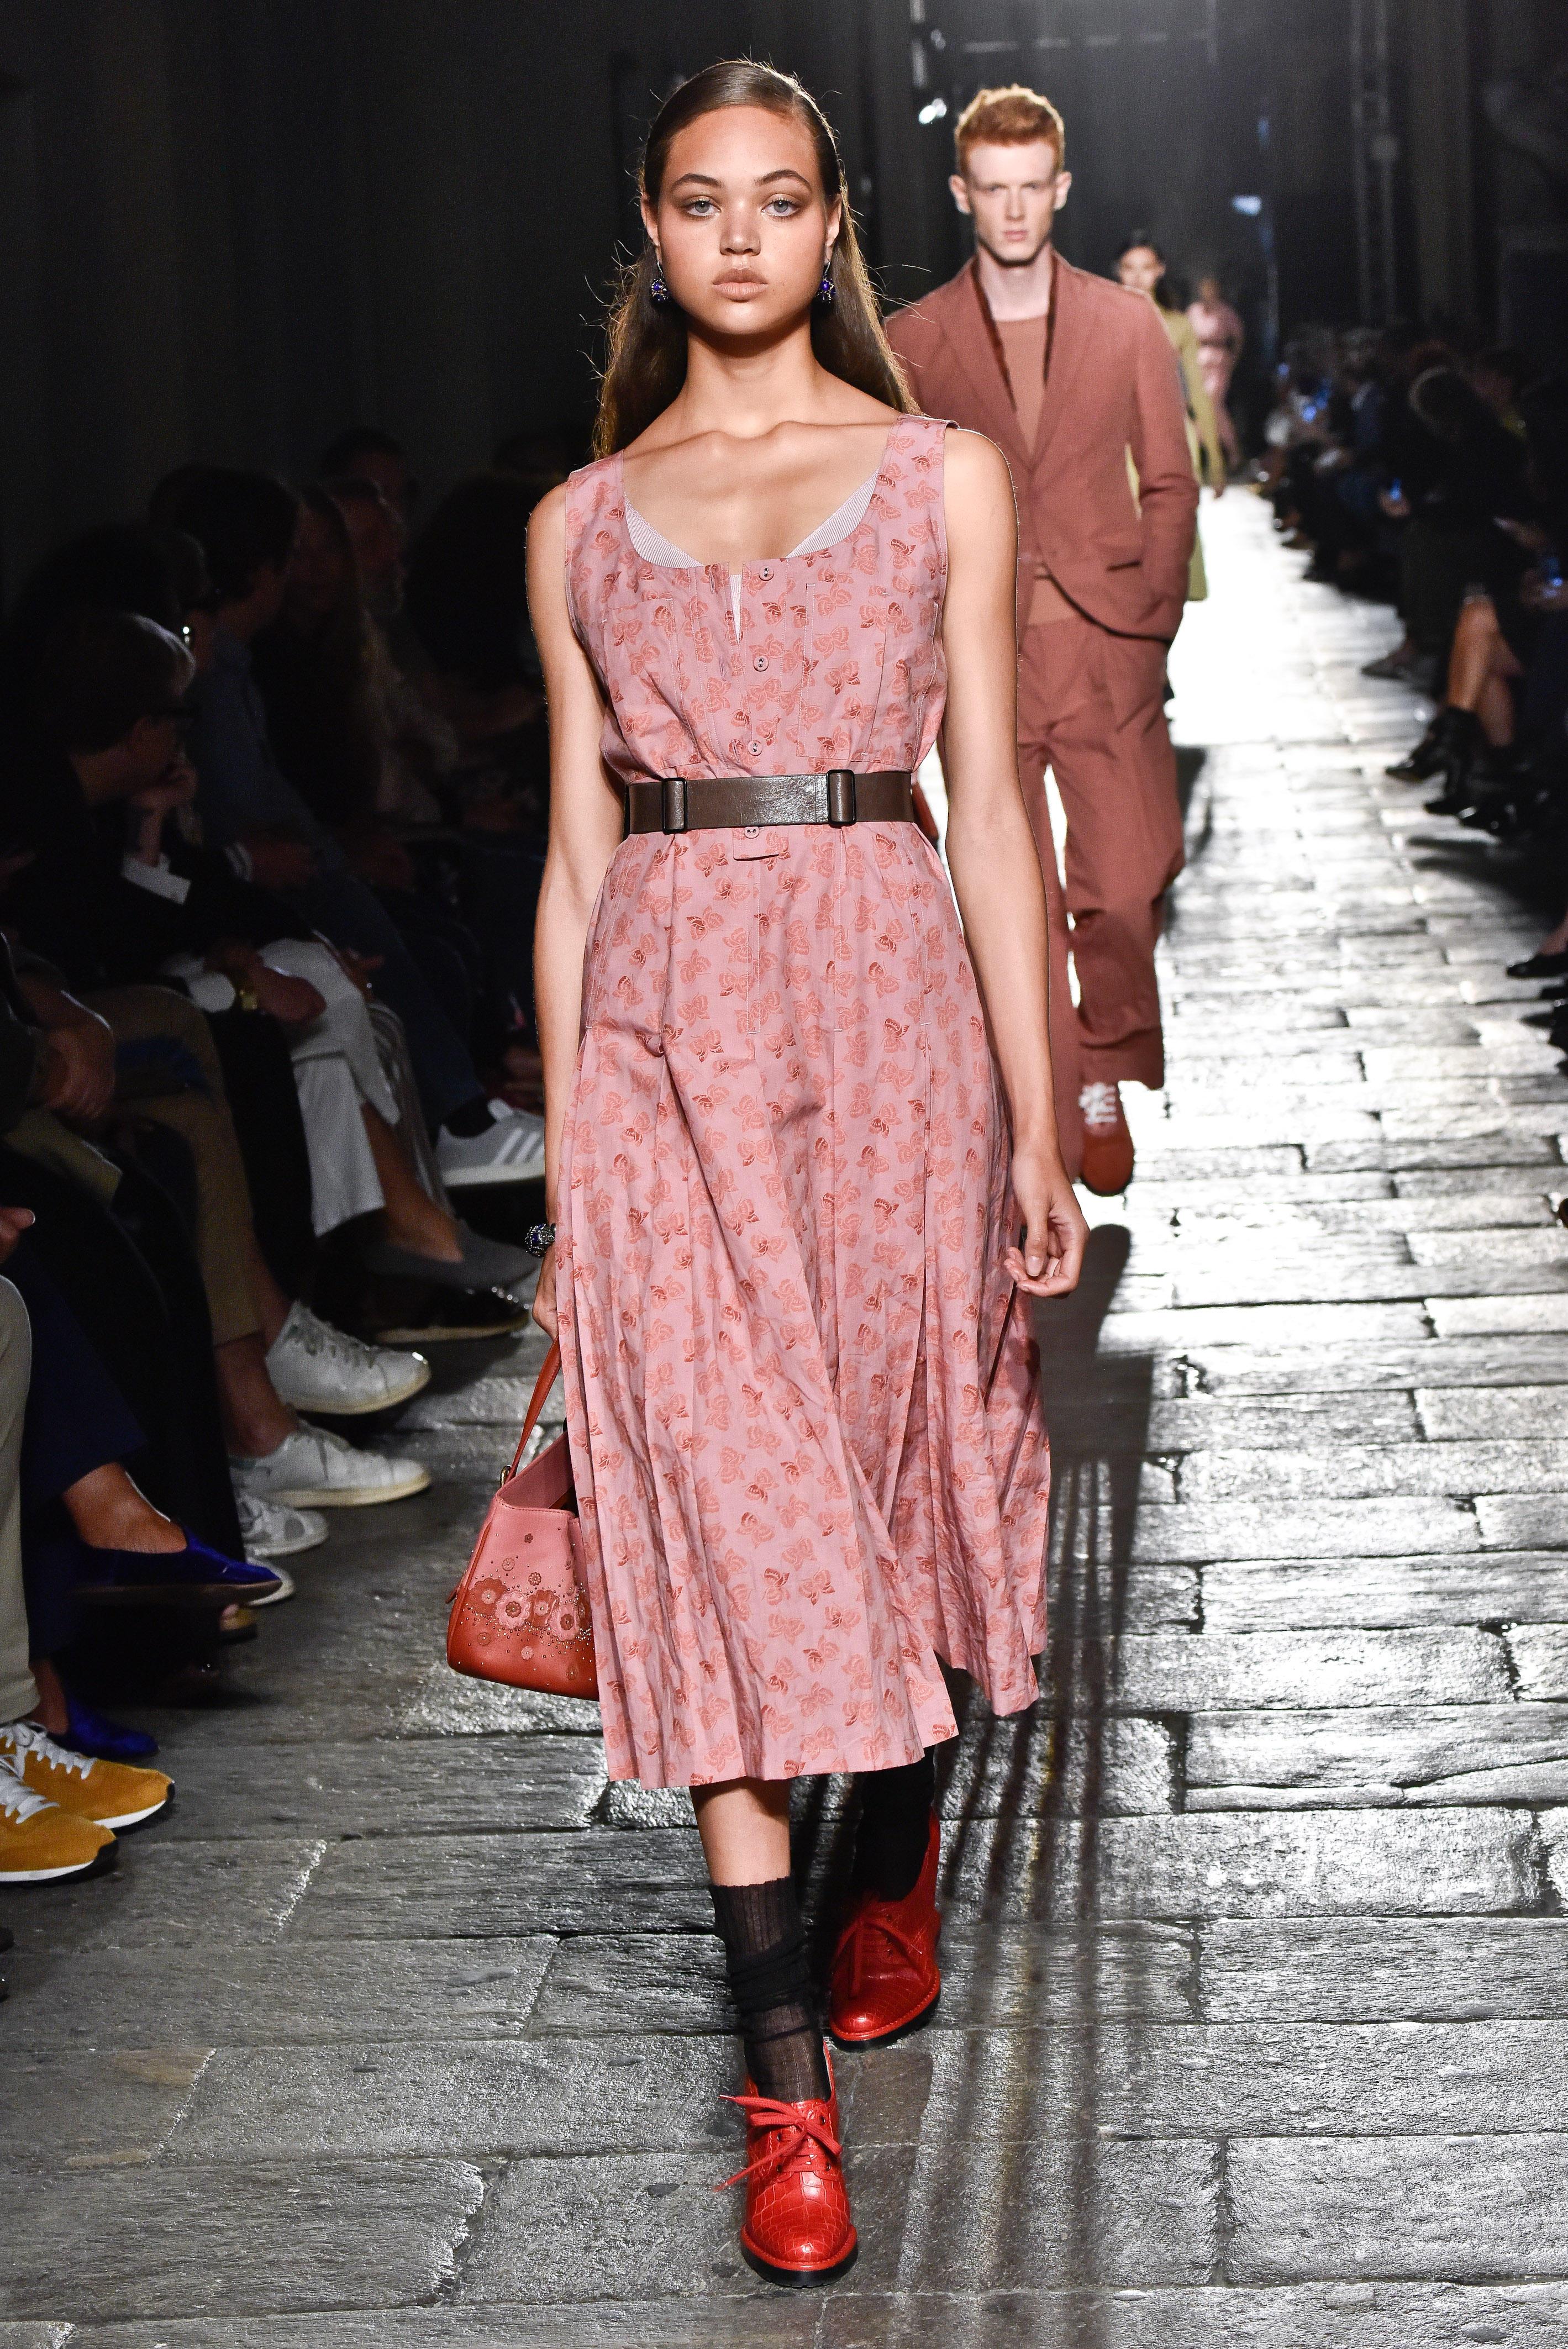 Milano Moda Donna  le sfilate da Marni a Jil Sander - Tgcom24 2660ffc1e64